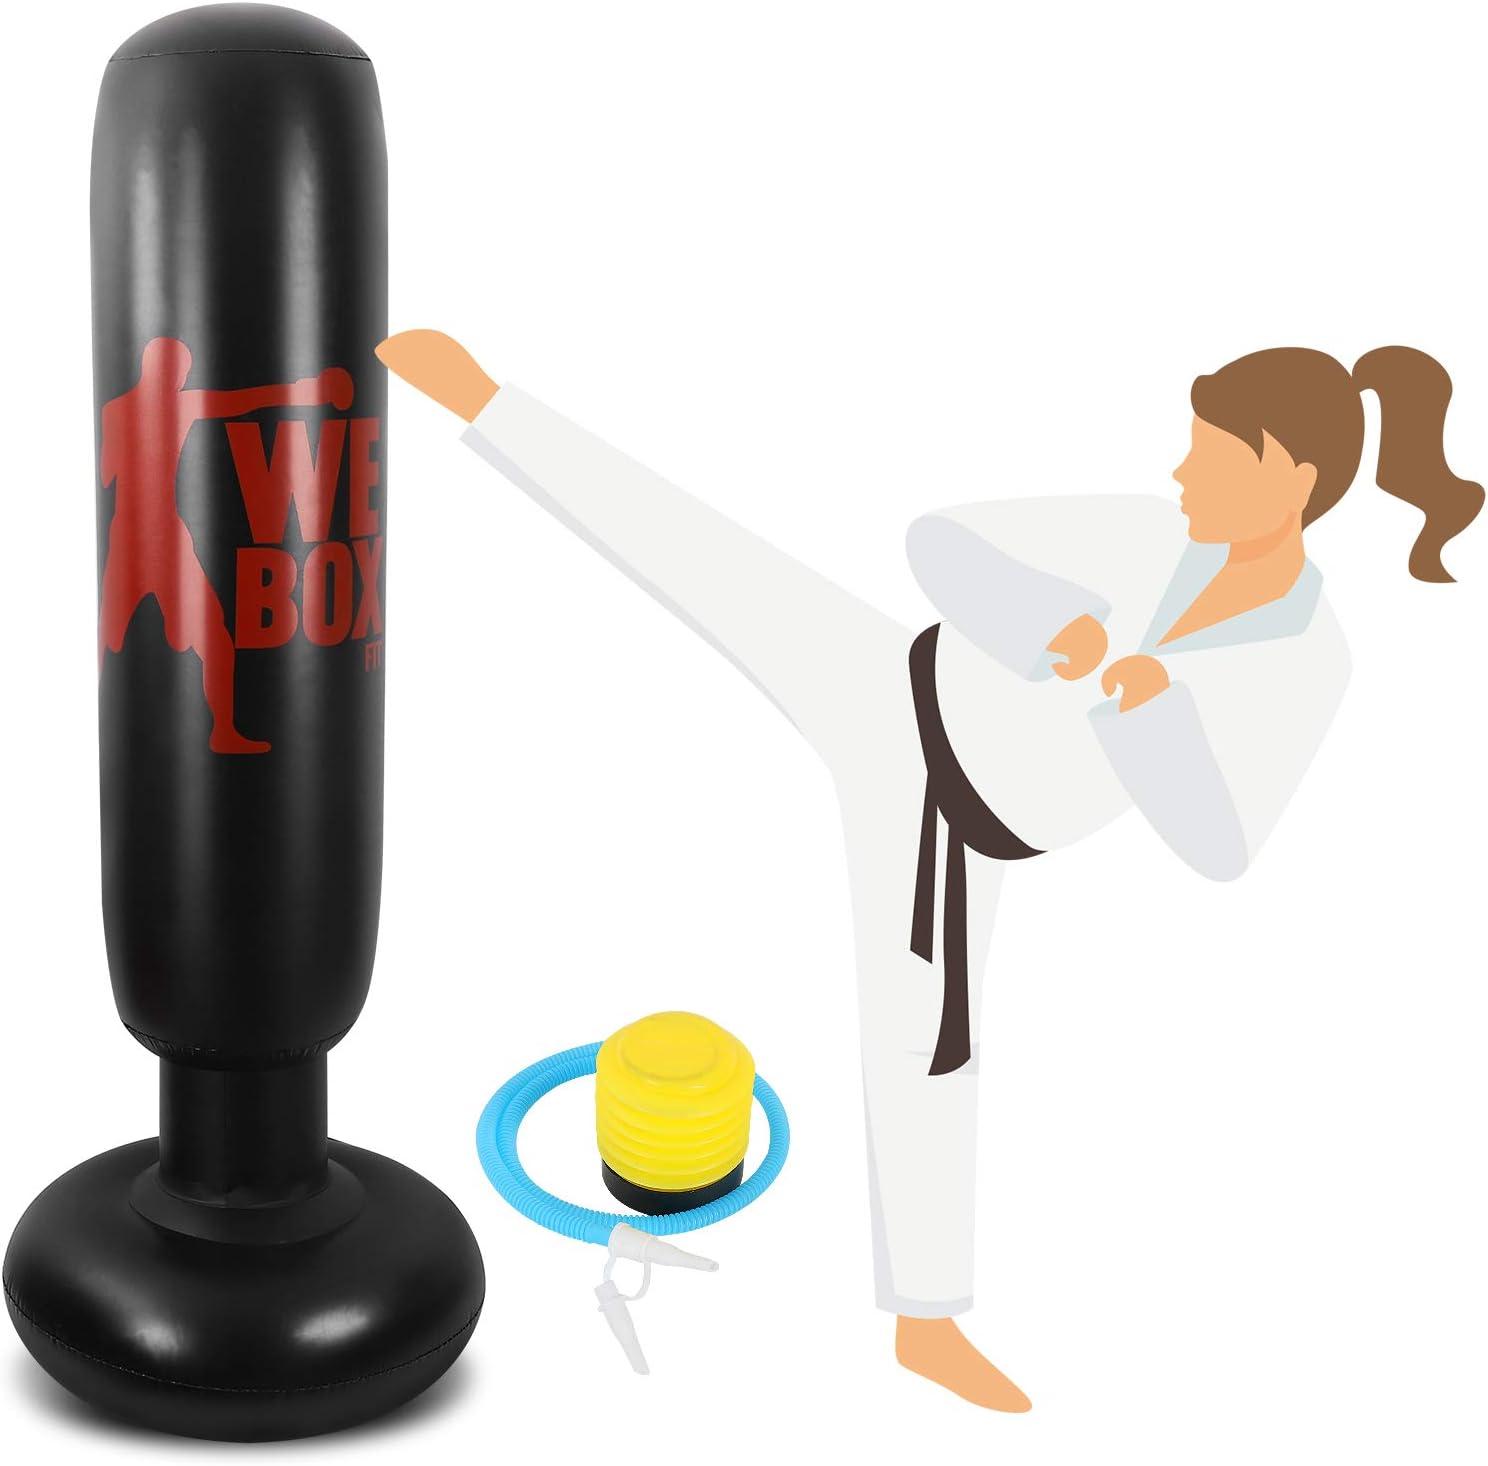 Winload Saco de Boxeo, 160cm Saco de Boxeo Hinchable de Pie para Niños, Fitness Boxeo Saco de Arena Columna Tumbler, Practicar Karate, Ejercicio y Alivio del Estrés para Adolescentes,con Bomba de Aire